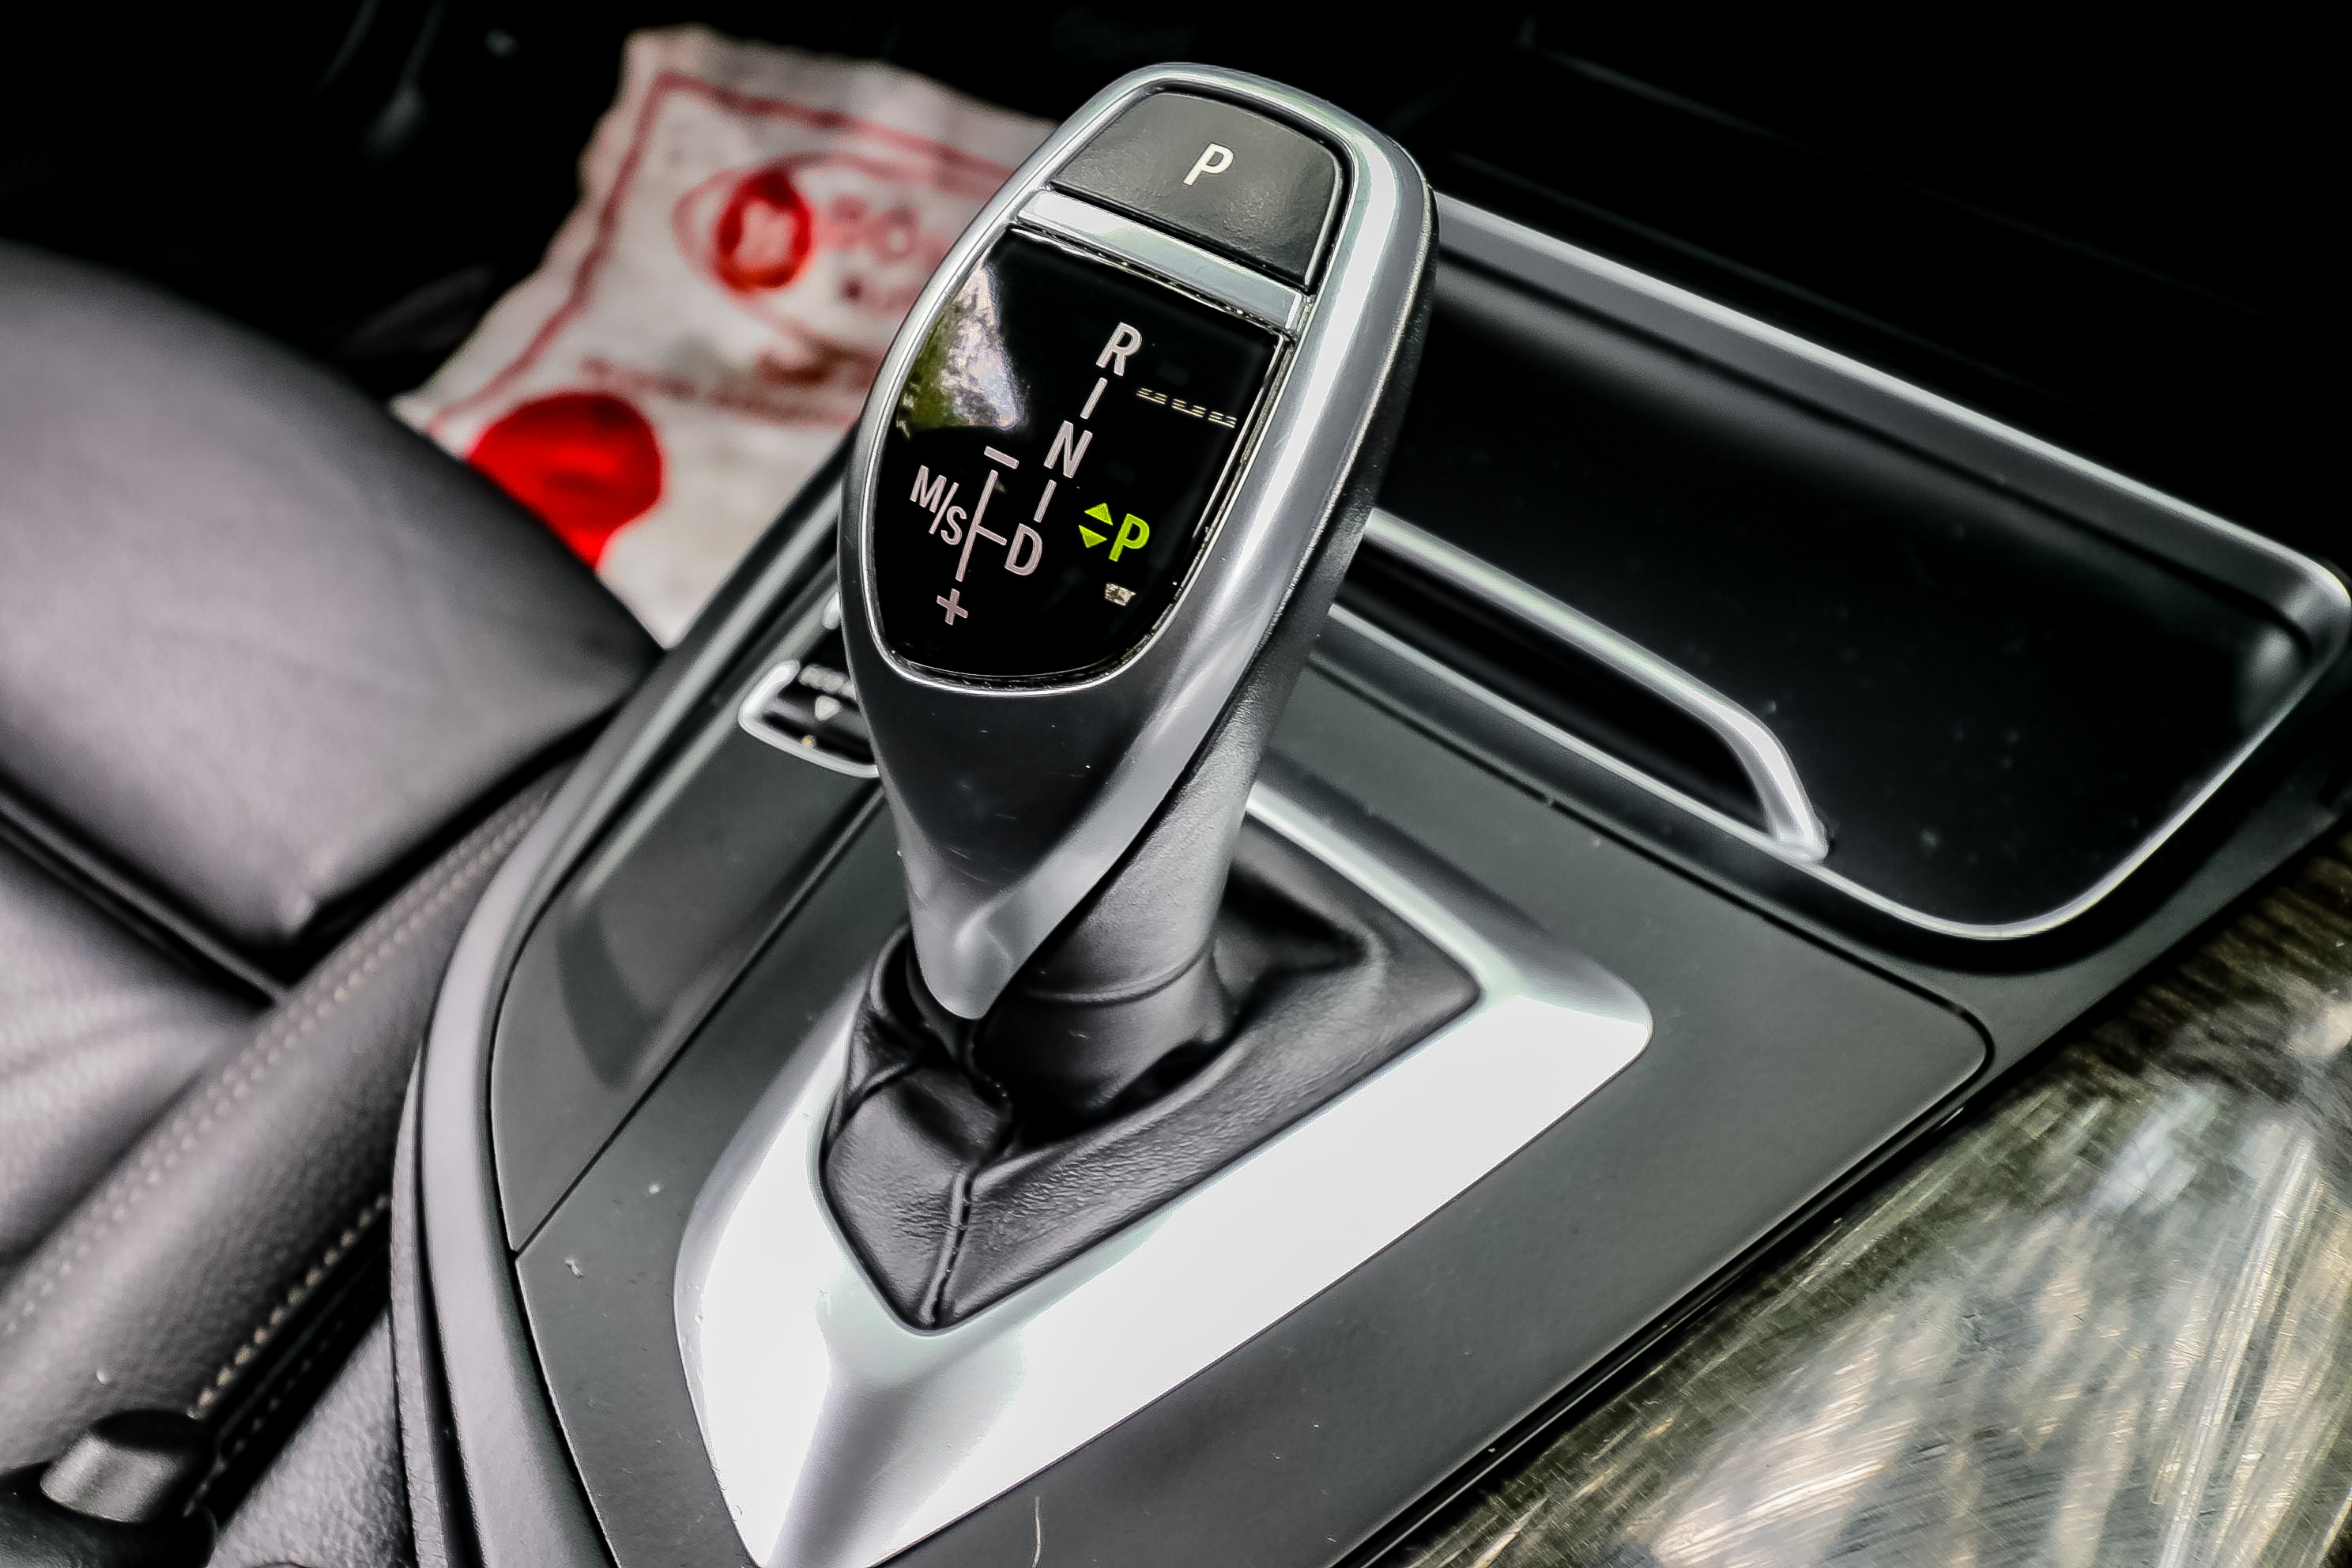 2017 BMW 3 Series - Fair Car Ownership